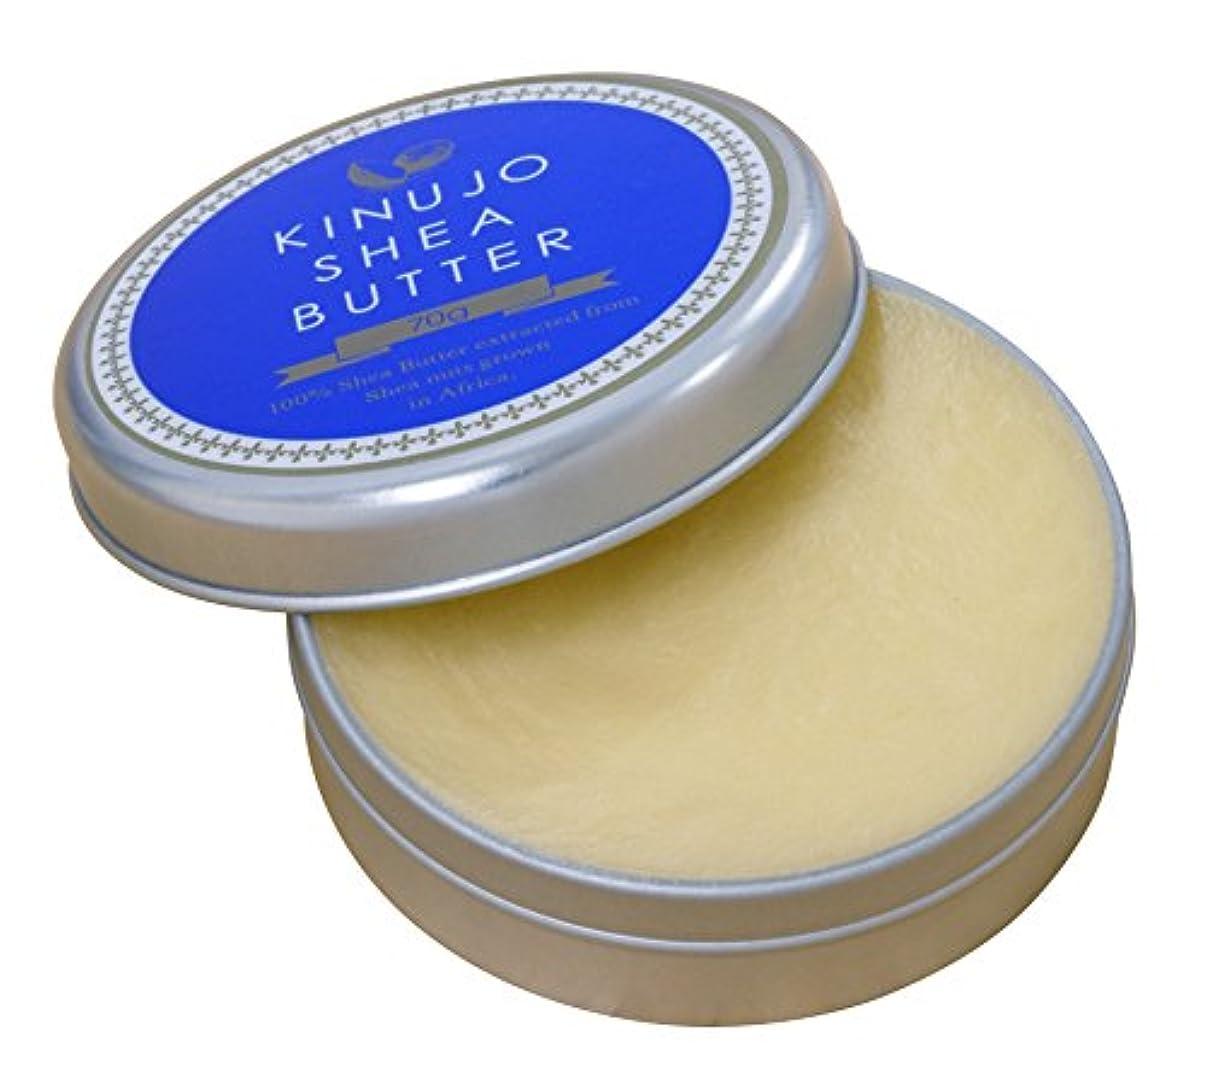 土曜日アブセイ定規KINUJO SHEA BUTTER 70g(キヌージョシアバター)ガーナ産未精製100%天然由来?無添加?植物性